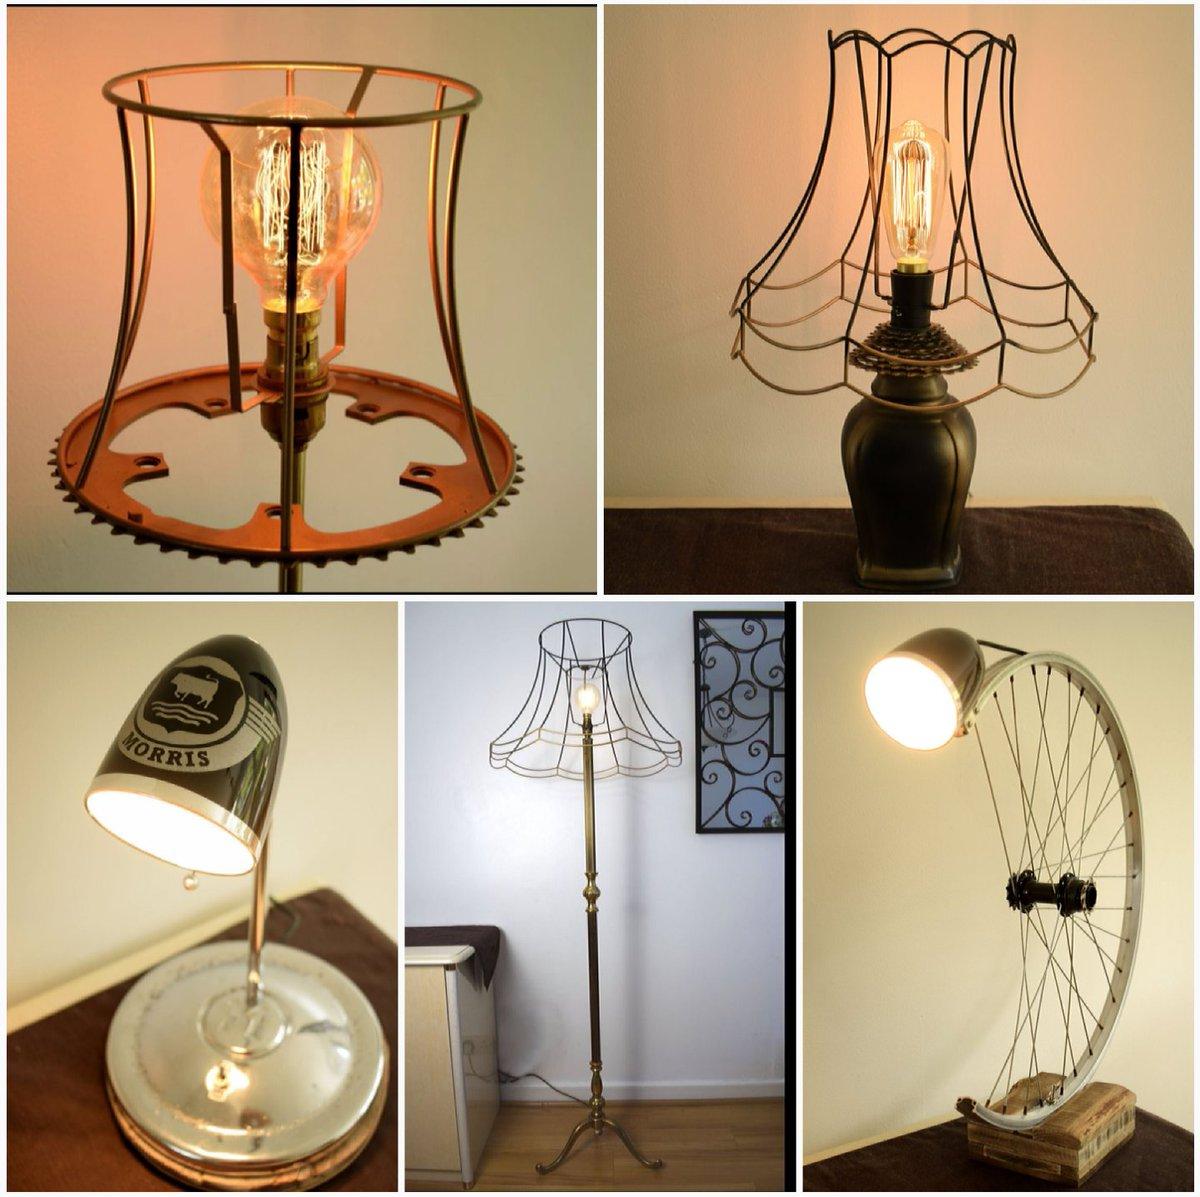 Custom built lights  http:// retrochimps.com  &nbsp;    #sthelenshour #shoplocal <br>http://pic.twitter.com/cRnnykYutc